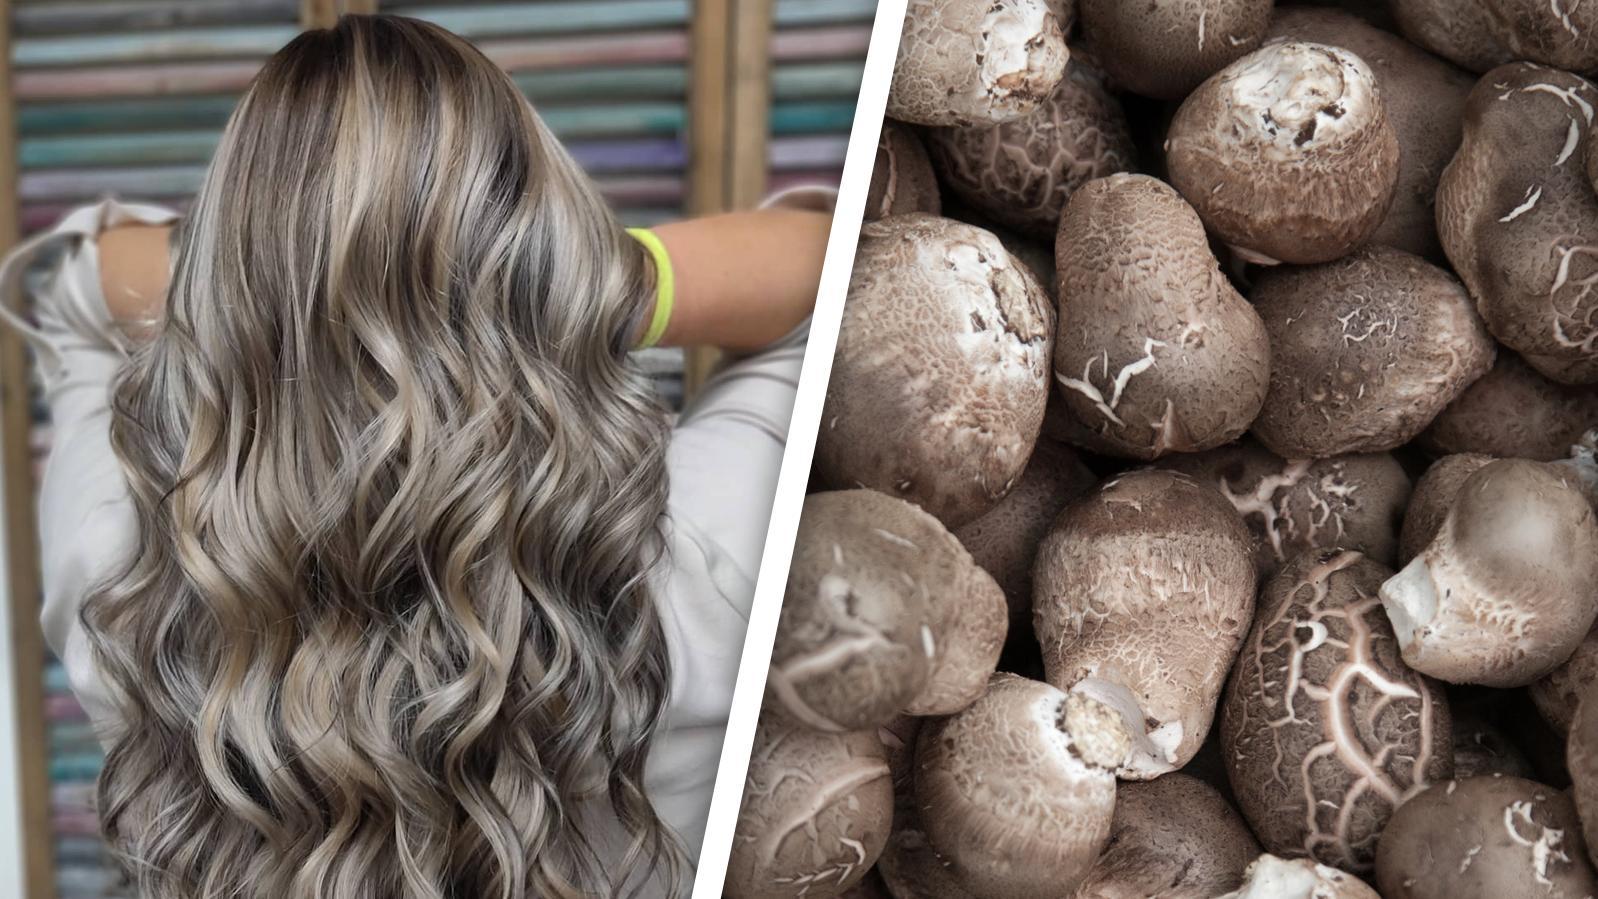 Haare wie frisch gesammelte Pilze? Sieht besser aus, als es klingt...